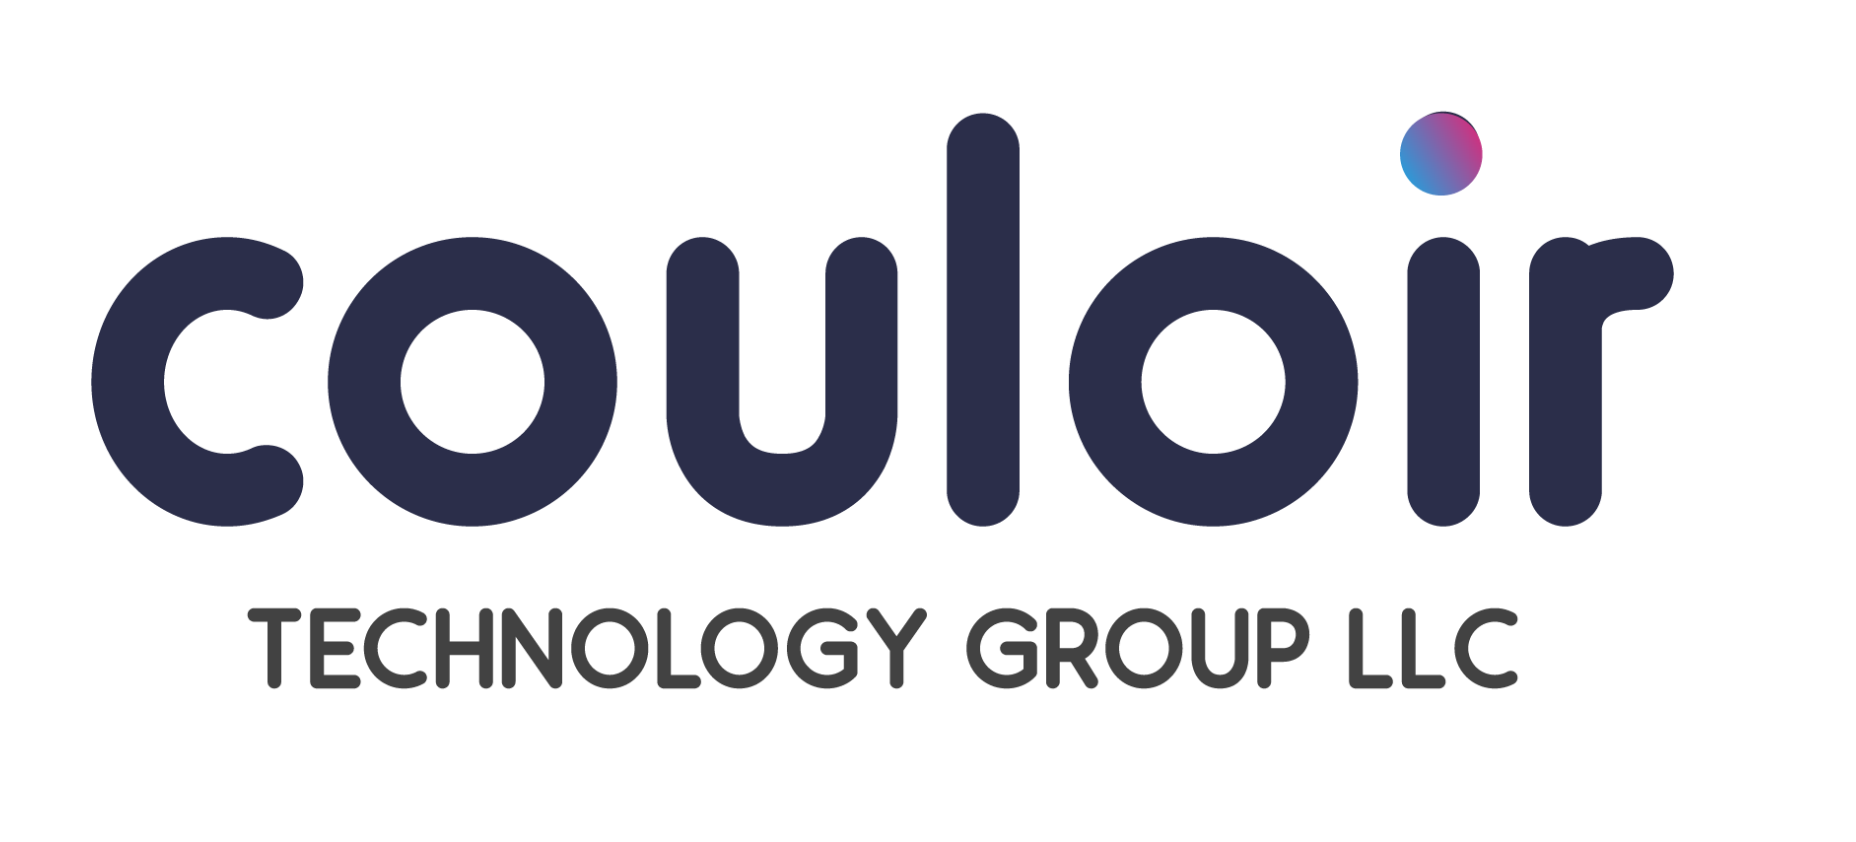 Couloirtechgroup Logo